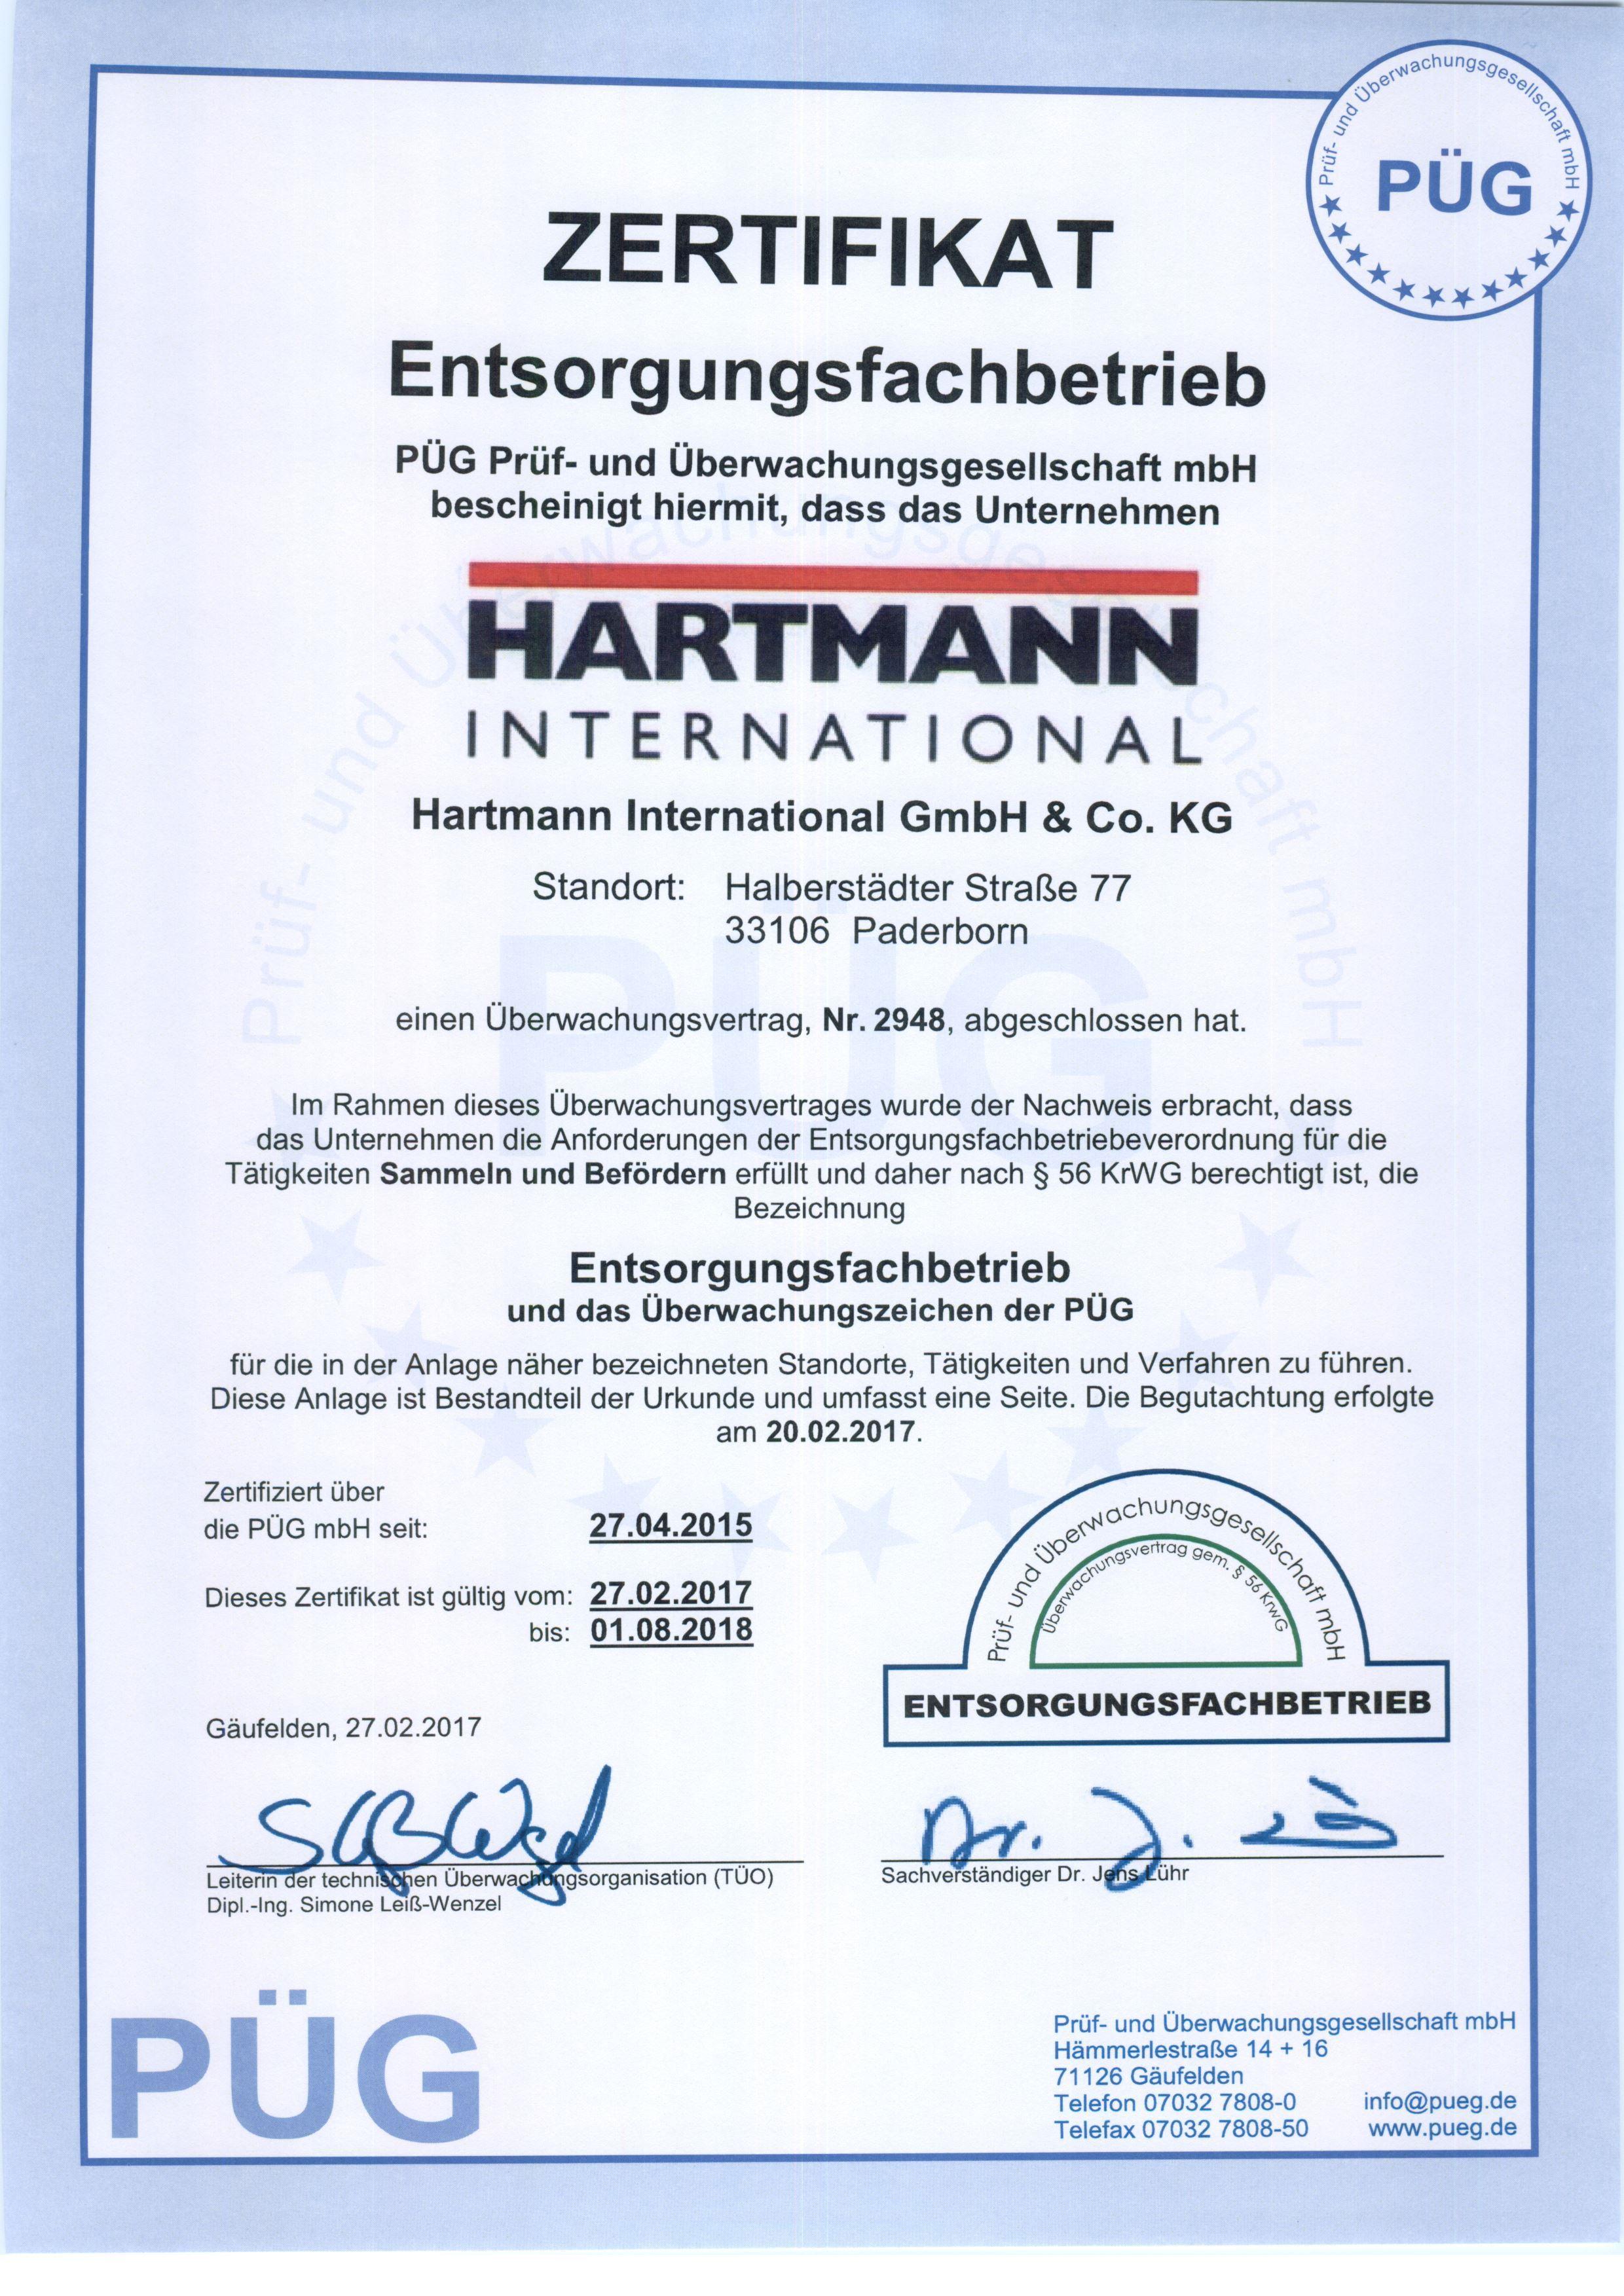 Qualität und Umwelt   Hartmann International › Hartmann International